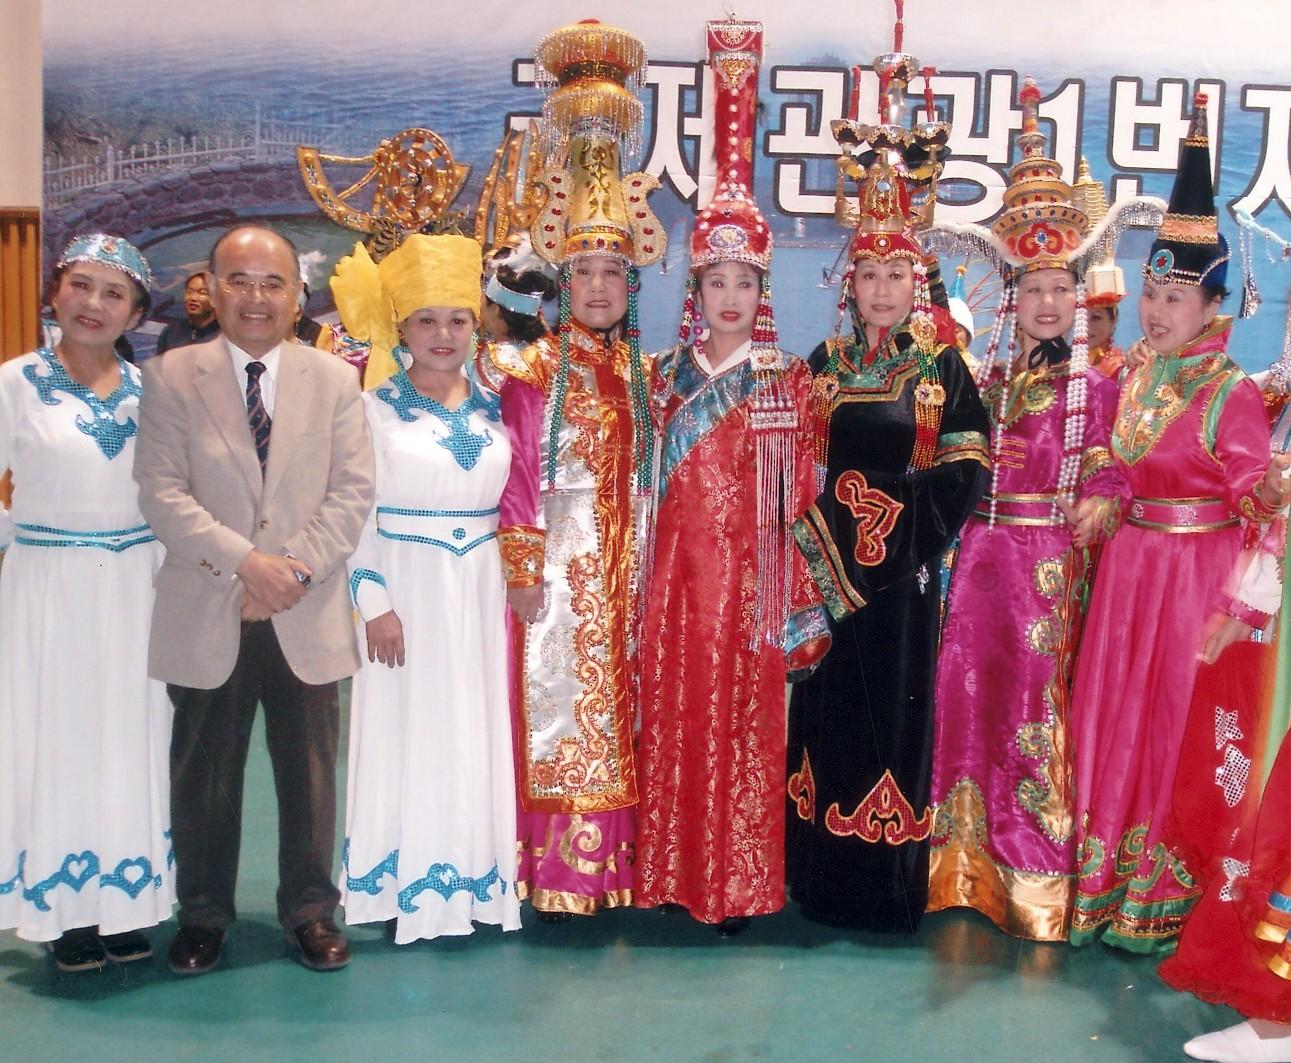 韓国束草市で開催のシンポジウムに日本人唯一のパネリストとして招かれる。 2008年11月